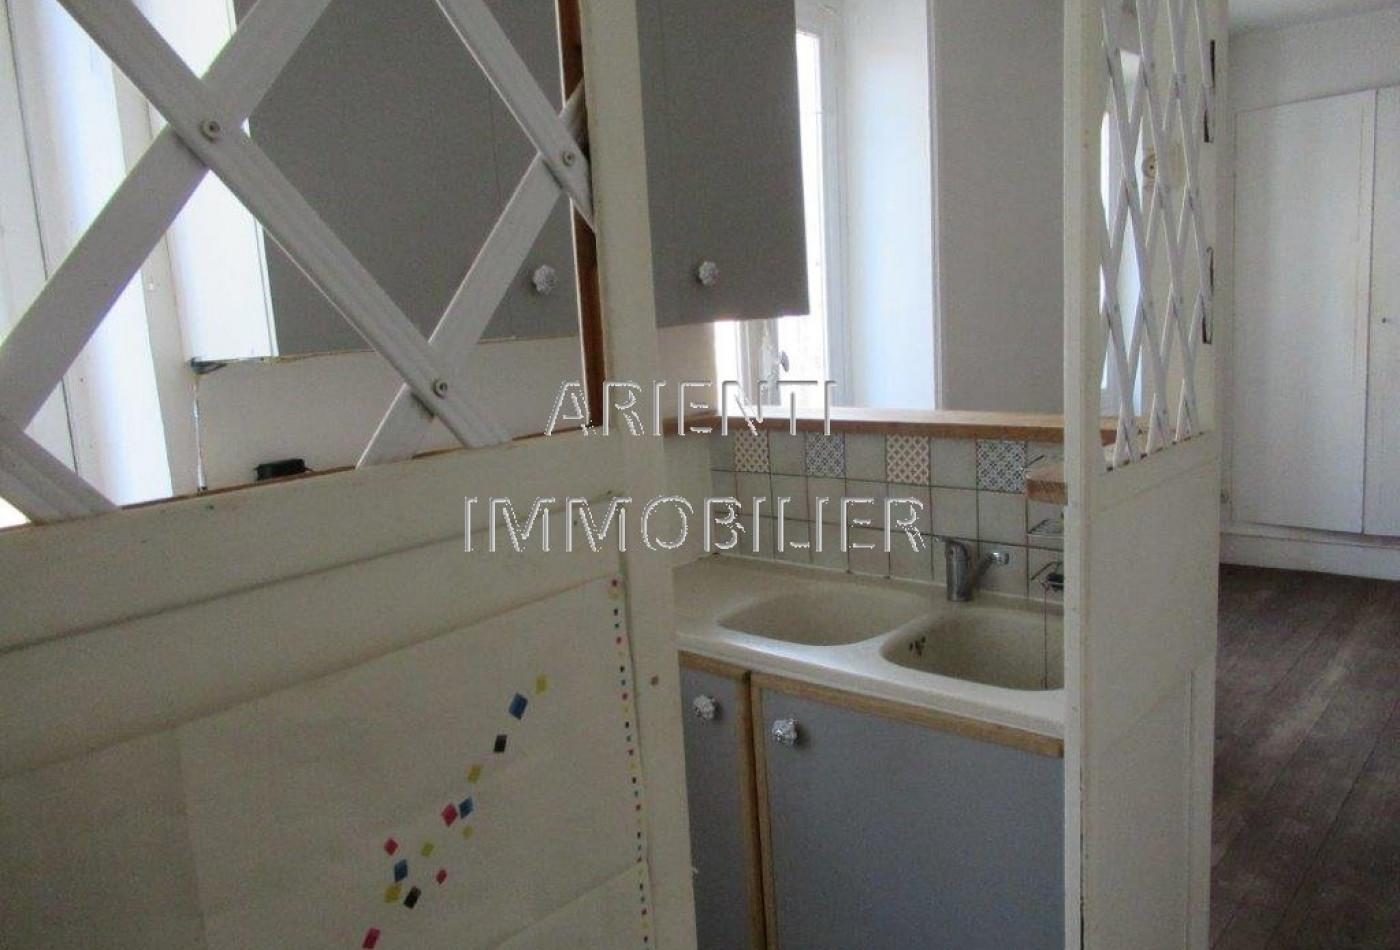 A vendre  Dieulefit | Réf 260013414 - Office immobilier arienti